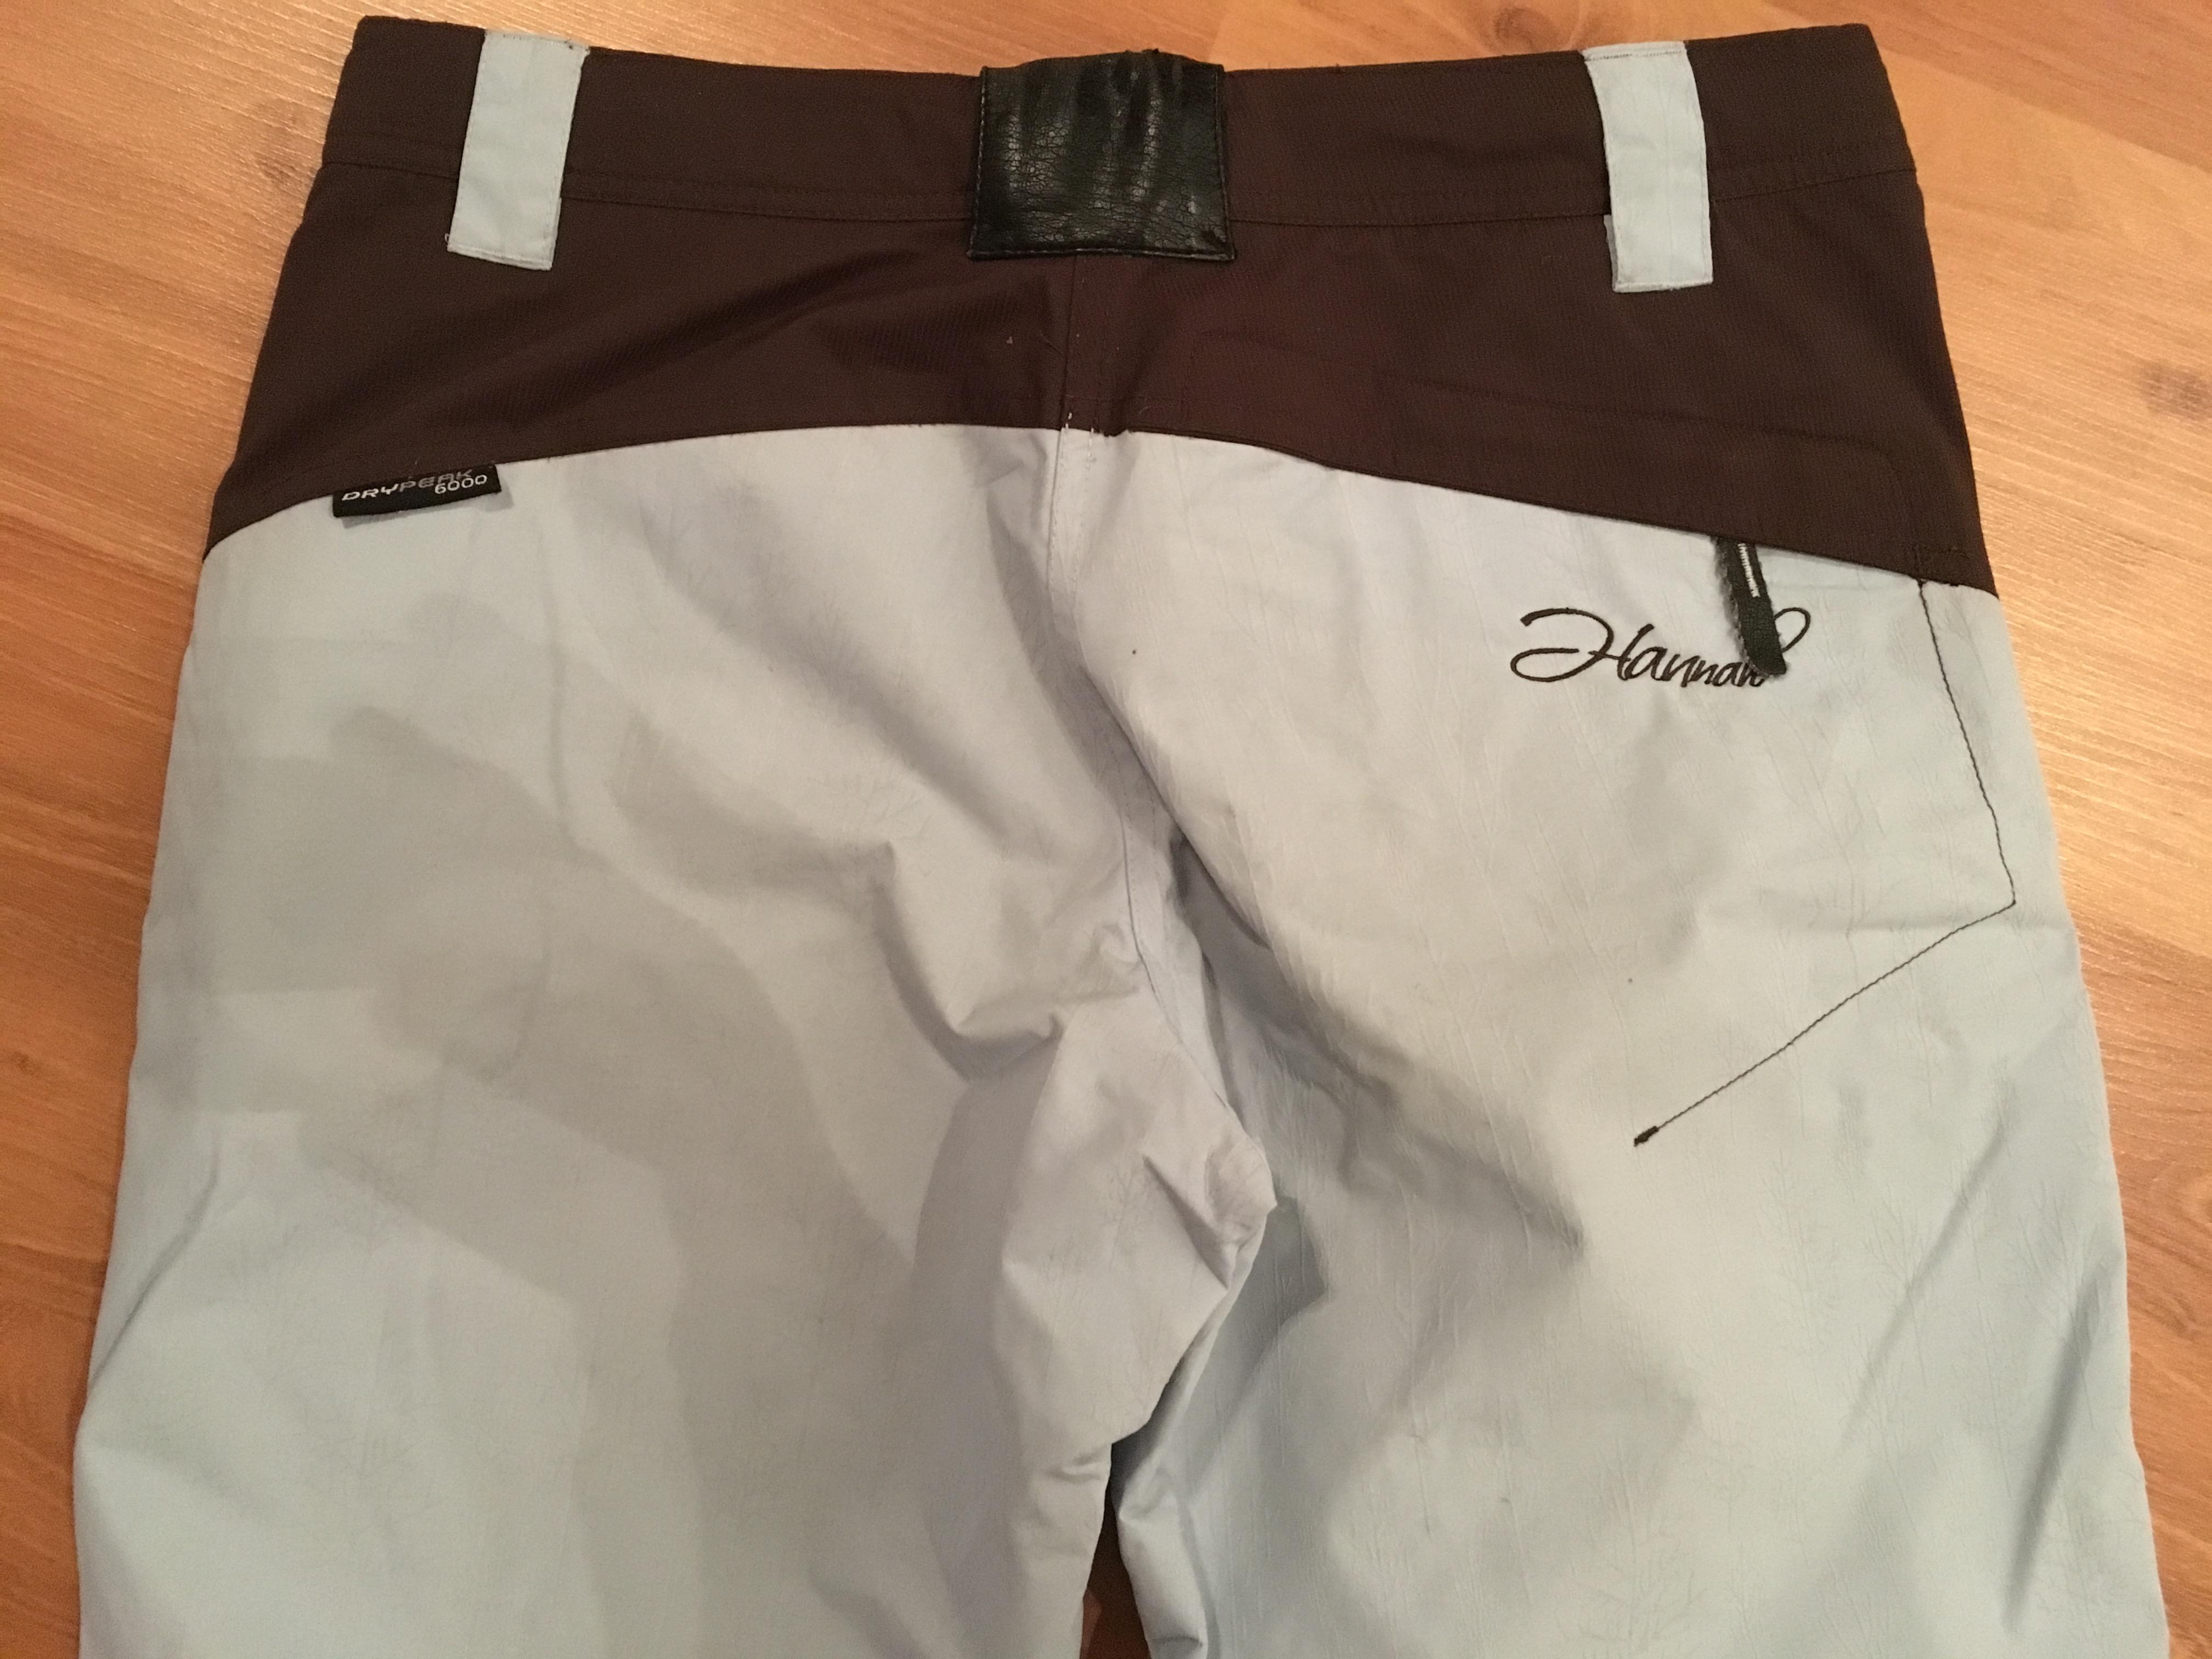 Lyžařské kalhoty Hannah - fotka 1. Prodám dámské lyžařské snb ... f19634d527